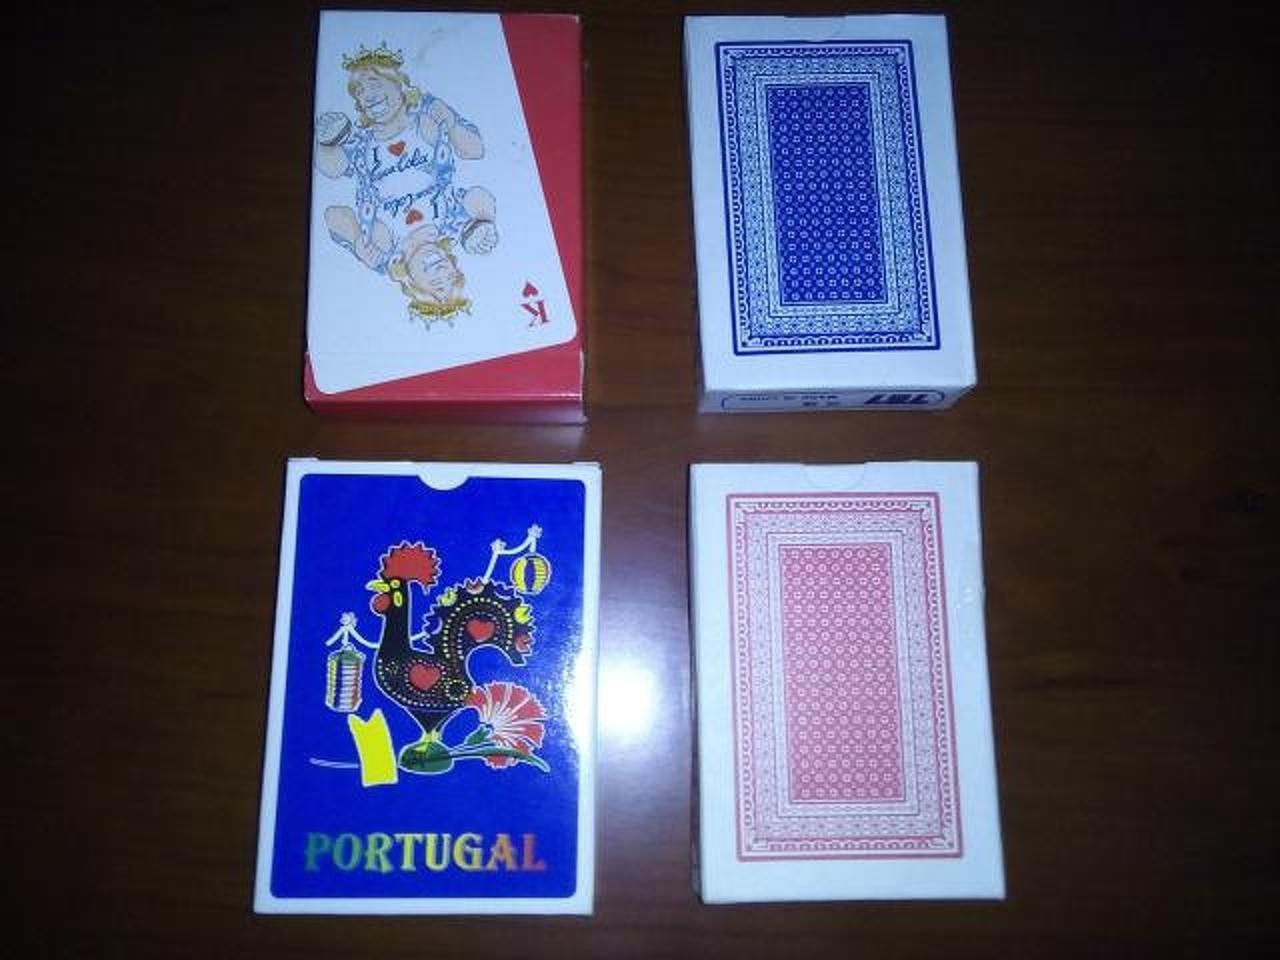 4 baralhos/jogos de cartas novos. - 2/2